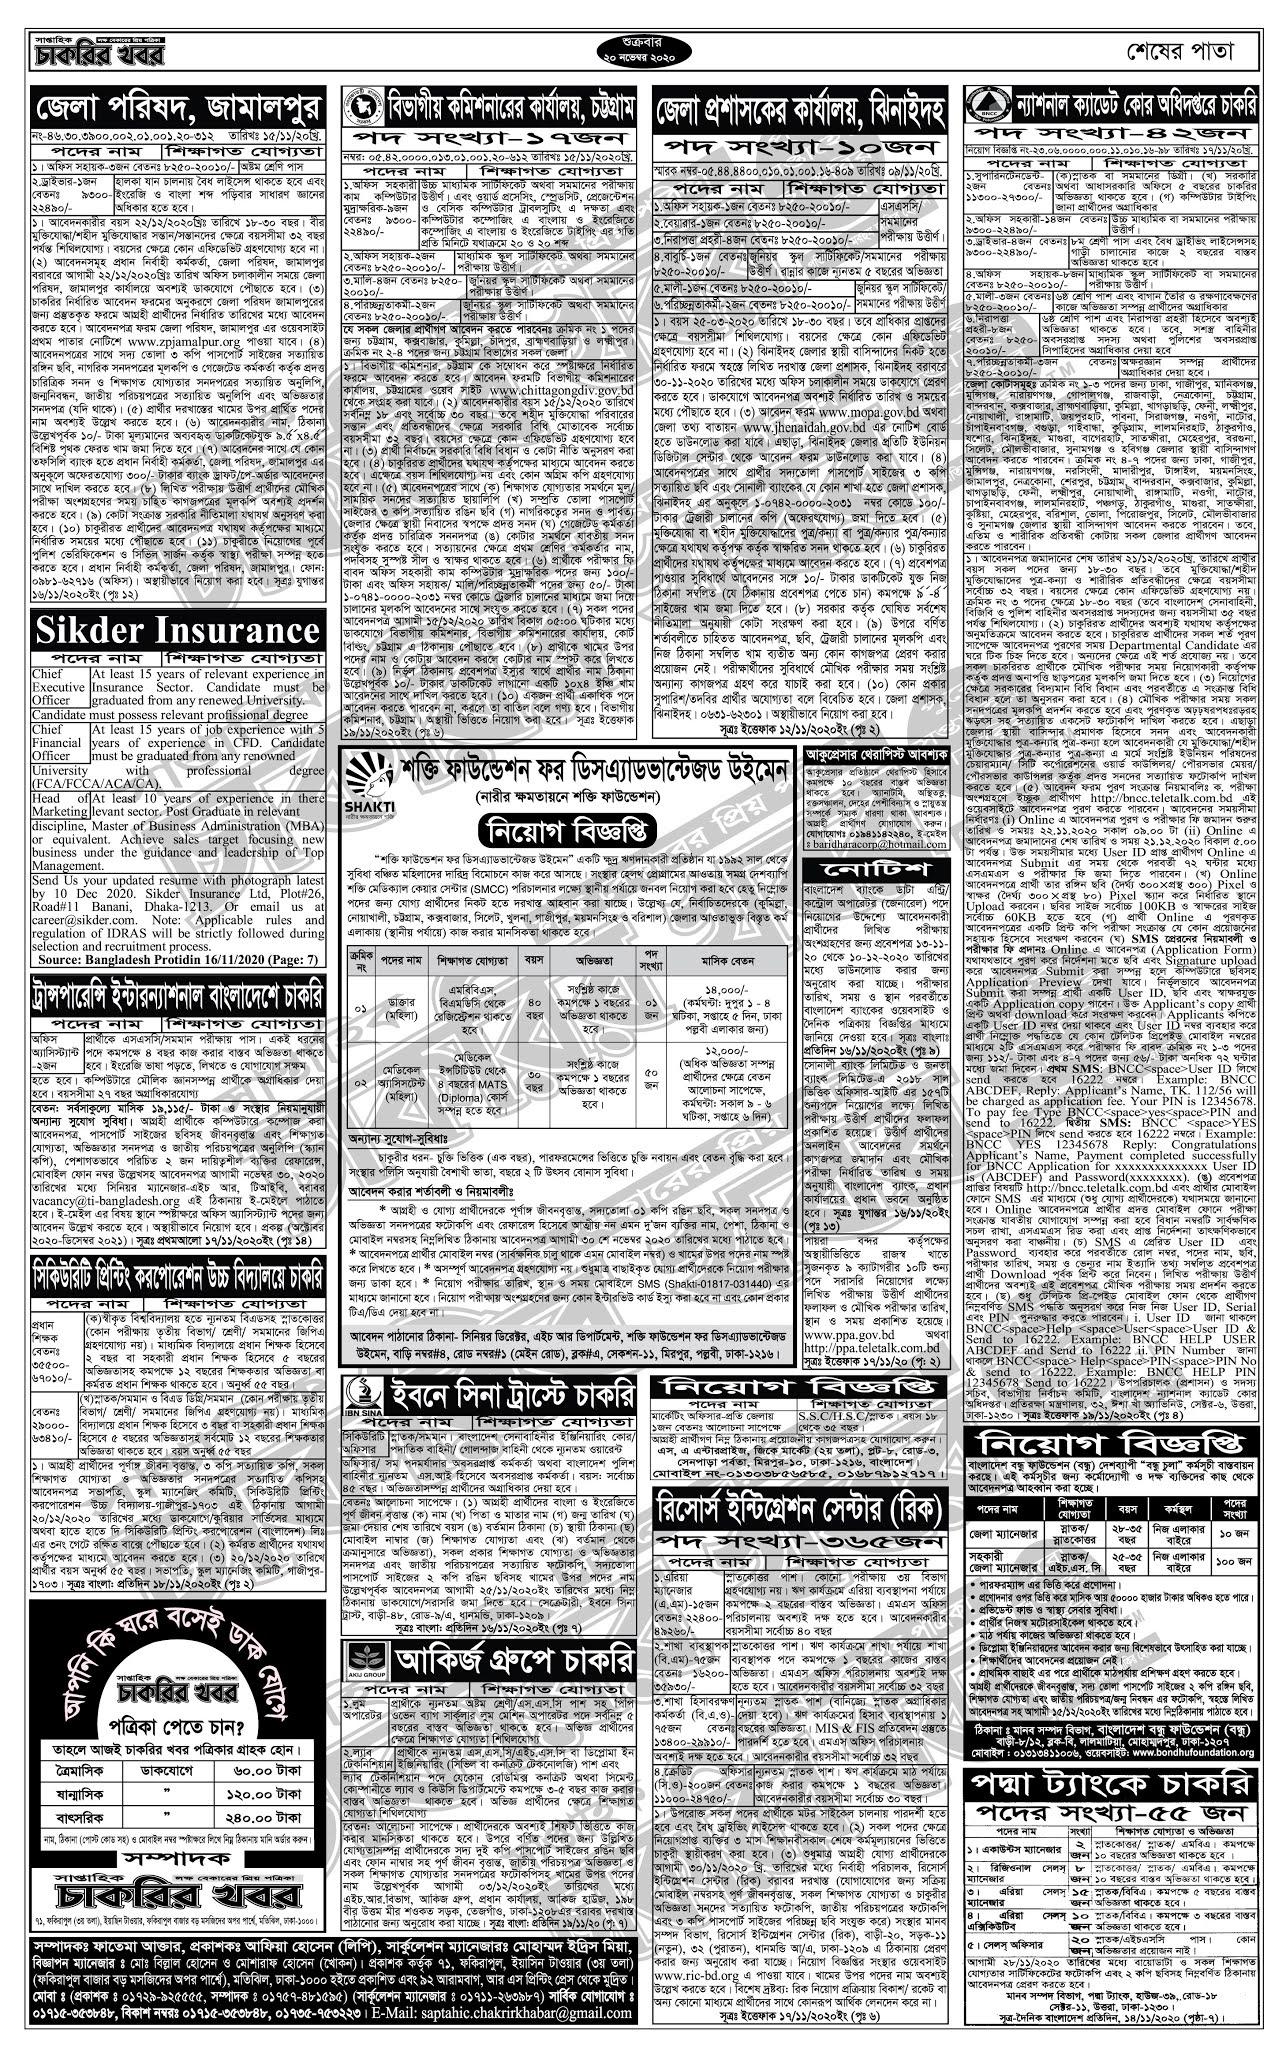 সাপ্তাহিক চাকরির খবর (৪র্থ পাতা)